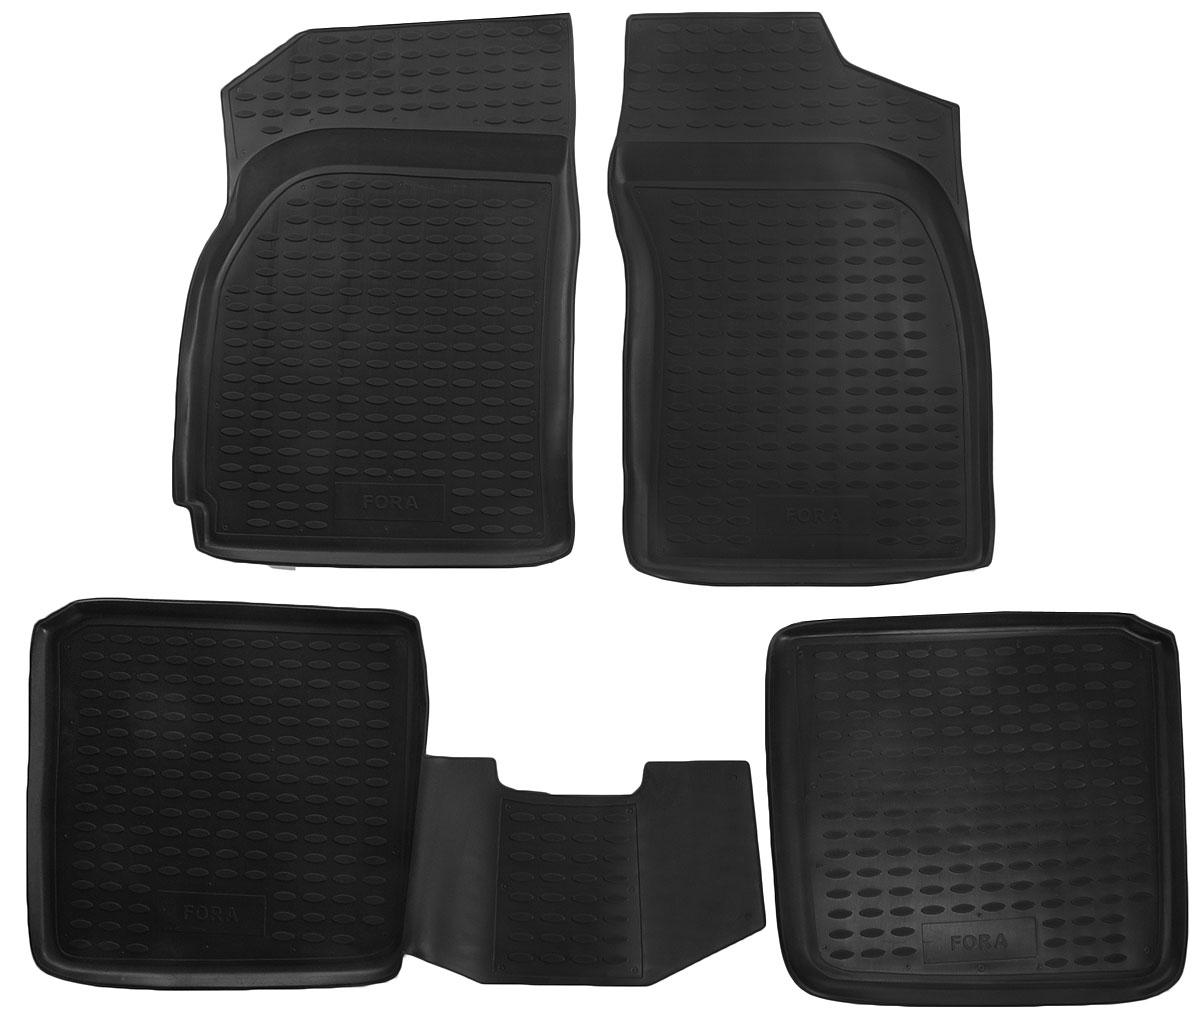 Набор автомобильных ковриков Novline-Autofamily для Chery Fora A-520 05/2006-, в салон, 4 штNLED-420-1.5W-RНабор автомобильных ковриков Novline-Autofamily, изготовленный из полиуретана, состоит из 4 ковриков, которые учитывают все особенности каждой модели автомобиля и полностью повторяют контуры пола. Полиуретановые автомобильные коврики для салона произведены из высококачественного материала, который держит форму, прочный и не пачкает обувь. Коврики в салон не только улучшат внешний вид салона вашего автомобиля, но и надежно уберегут его от пыли, грязи и сырости, а значит, защитят кузов от коррозии. Полиуретановые коврики для автомобиля гладкие, приятные и не пропускают влагу. Ковры для автомобилей надежно крепятся на полу и не скользят, что очень важно во время движения. Чистятся коврики очень просто: как при помощи автомобильного пылесоса, так и различными моющими средствами. Набор подходит для Chery Fora A-520 с мая 2006 года выпуска.